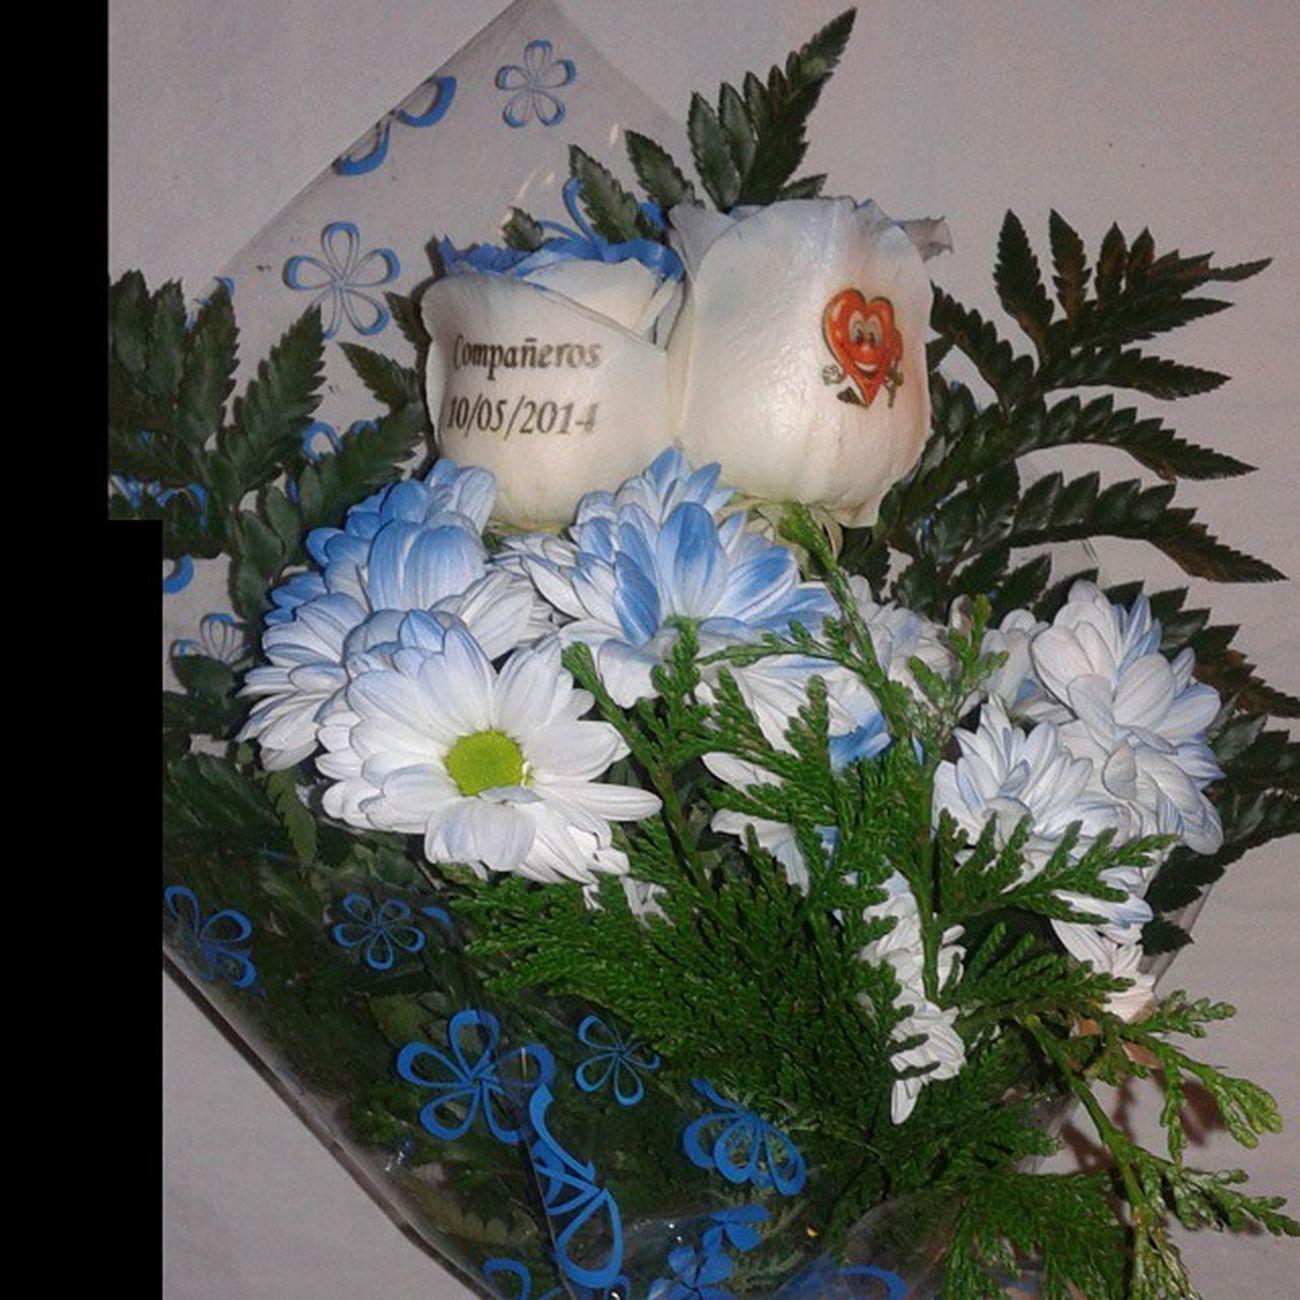 Ramito con rosas azules tatuadas en el petalo y margaritas azules a juego. Www.graficflower.com Rosasazules Rosaadomicilio Rosastatuadas Rosaazul Rosaspersonalizadas RegaloDeCumpleaños Regalodeaniversario Regalooriginal Regalos Regalarflores Regaloaniversario Ramoderosas Ramodeflores  Ramosderosas